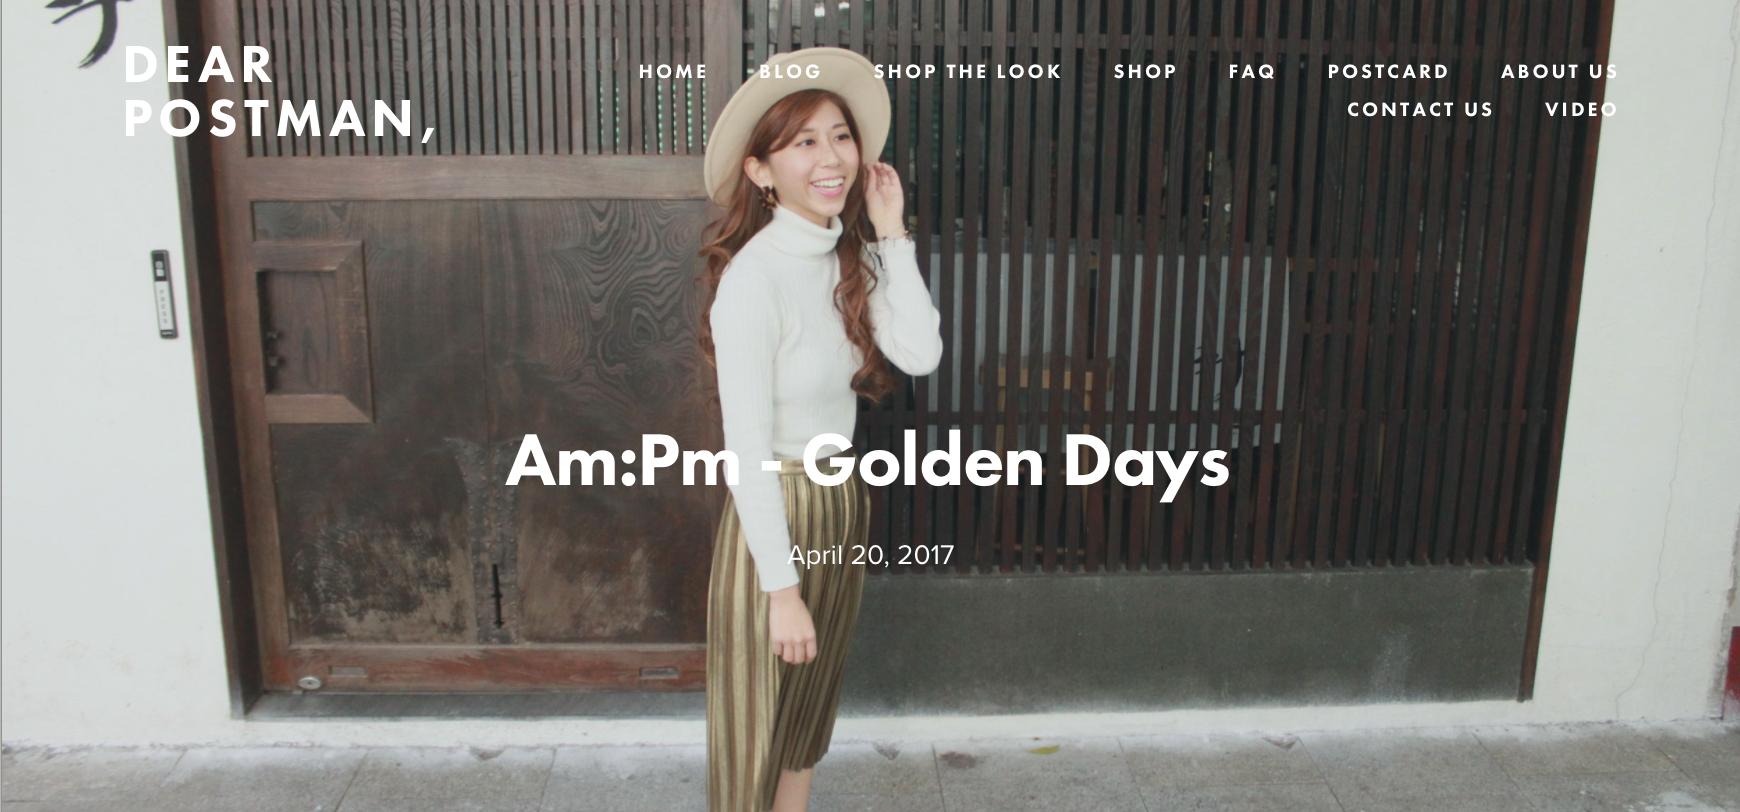 Am:Pm - Golden Days